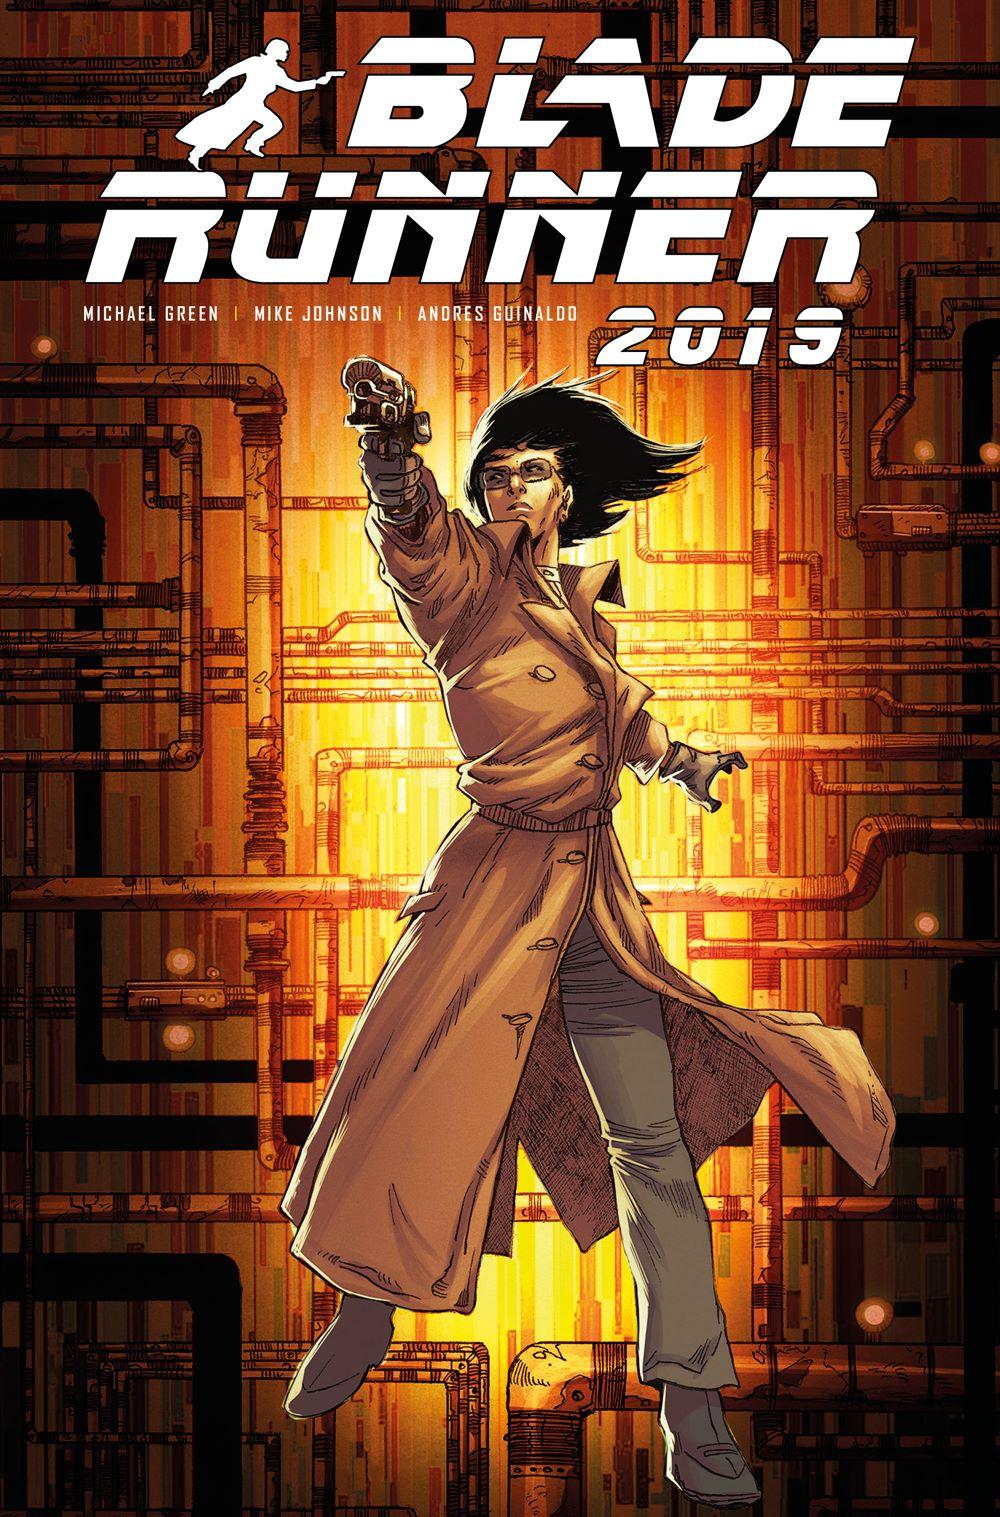 Blade-Runner-2019-9C ComicList Previews: BLADE RUNNER 2019 #9